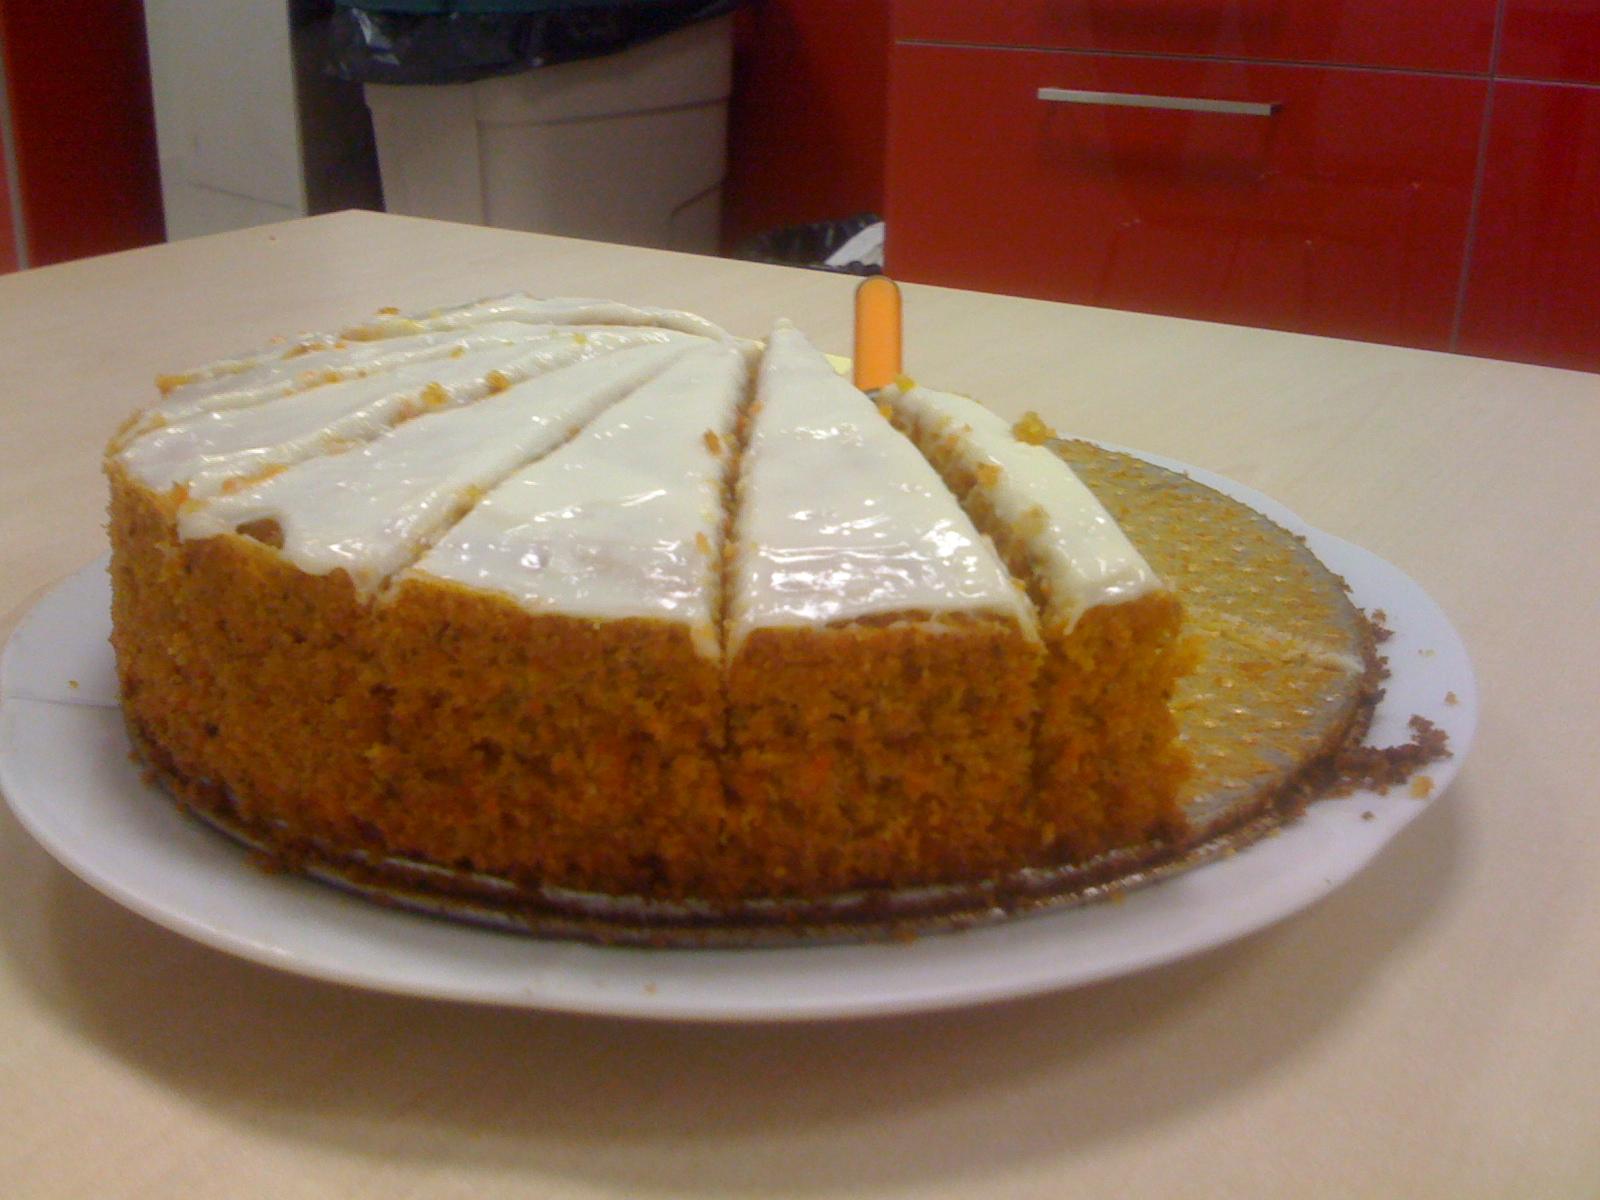 como hacer un pastel de zanahoria casero